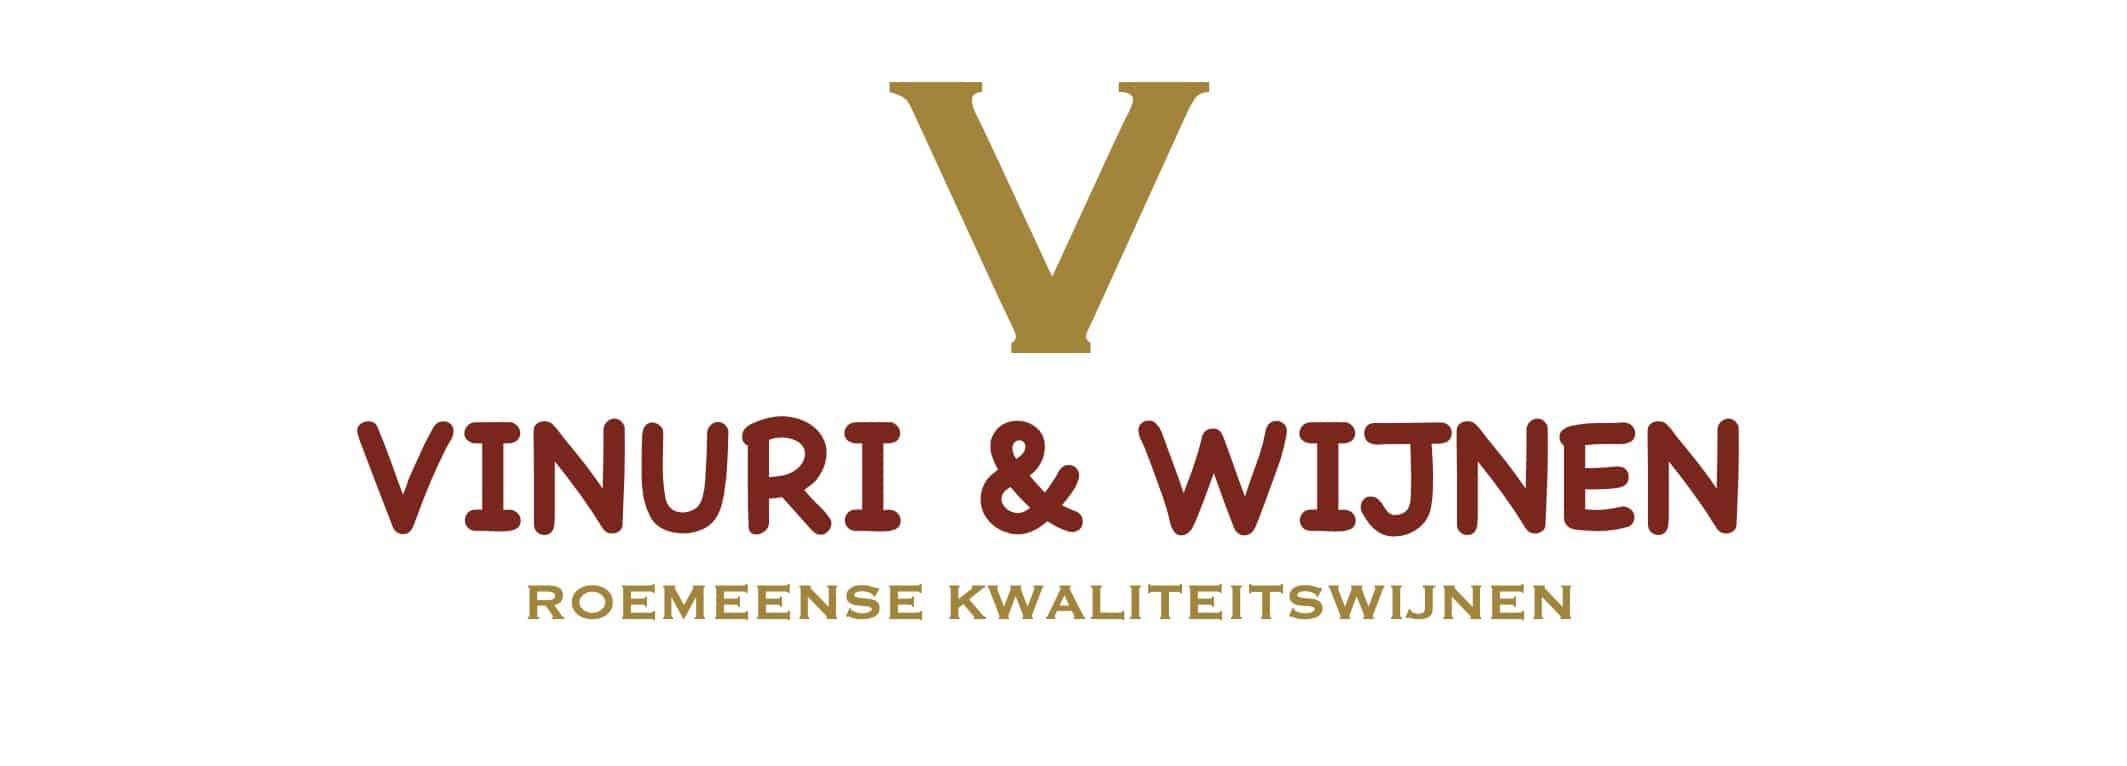 Vinuri & wijnen Roemeense kwaliteitswijnen